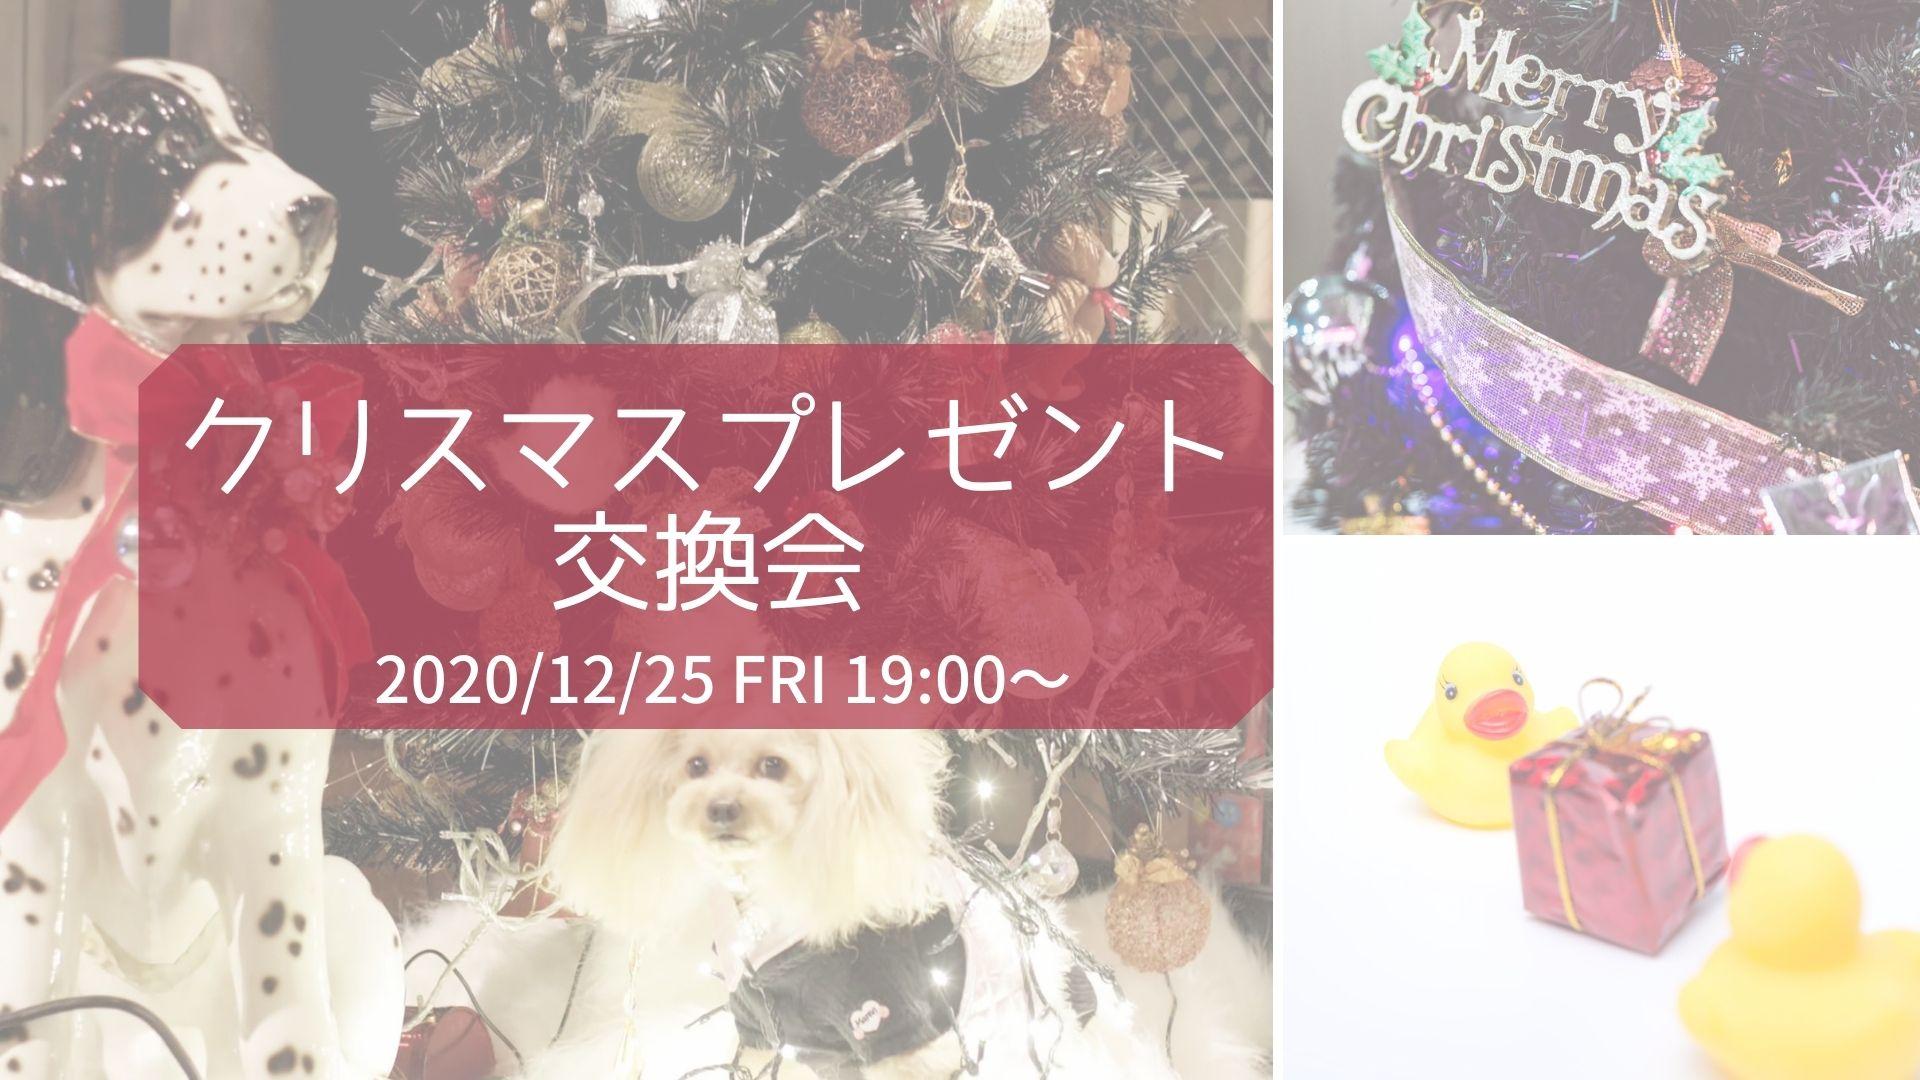 12/25 クリスマスプレゼント交換会